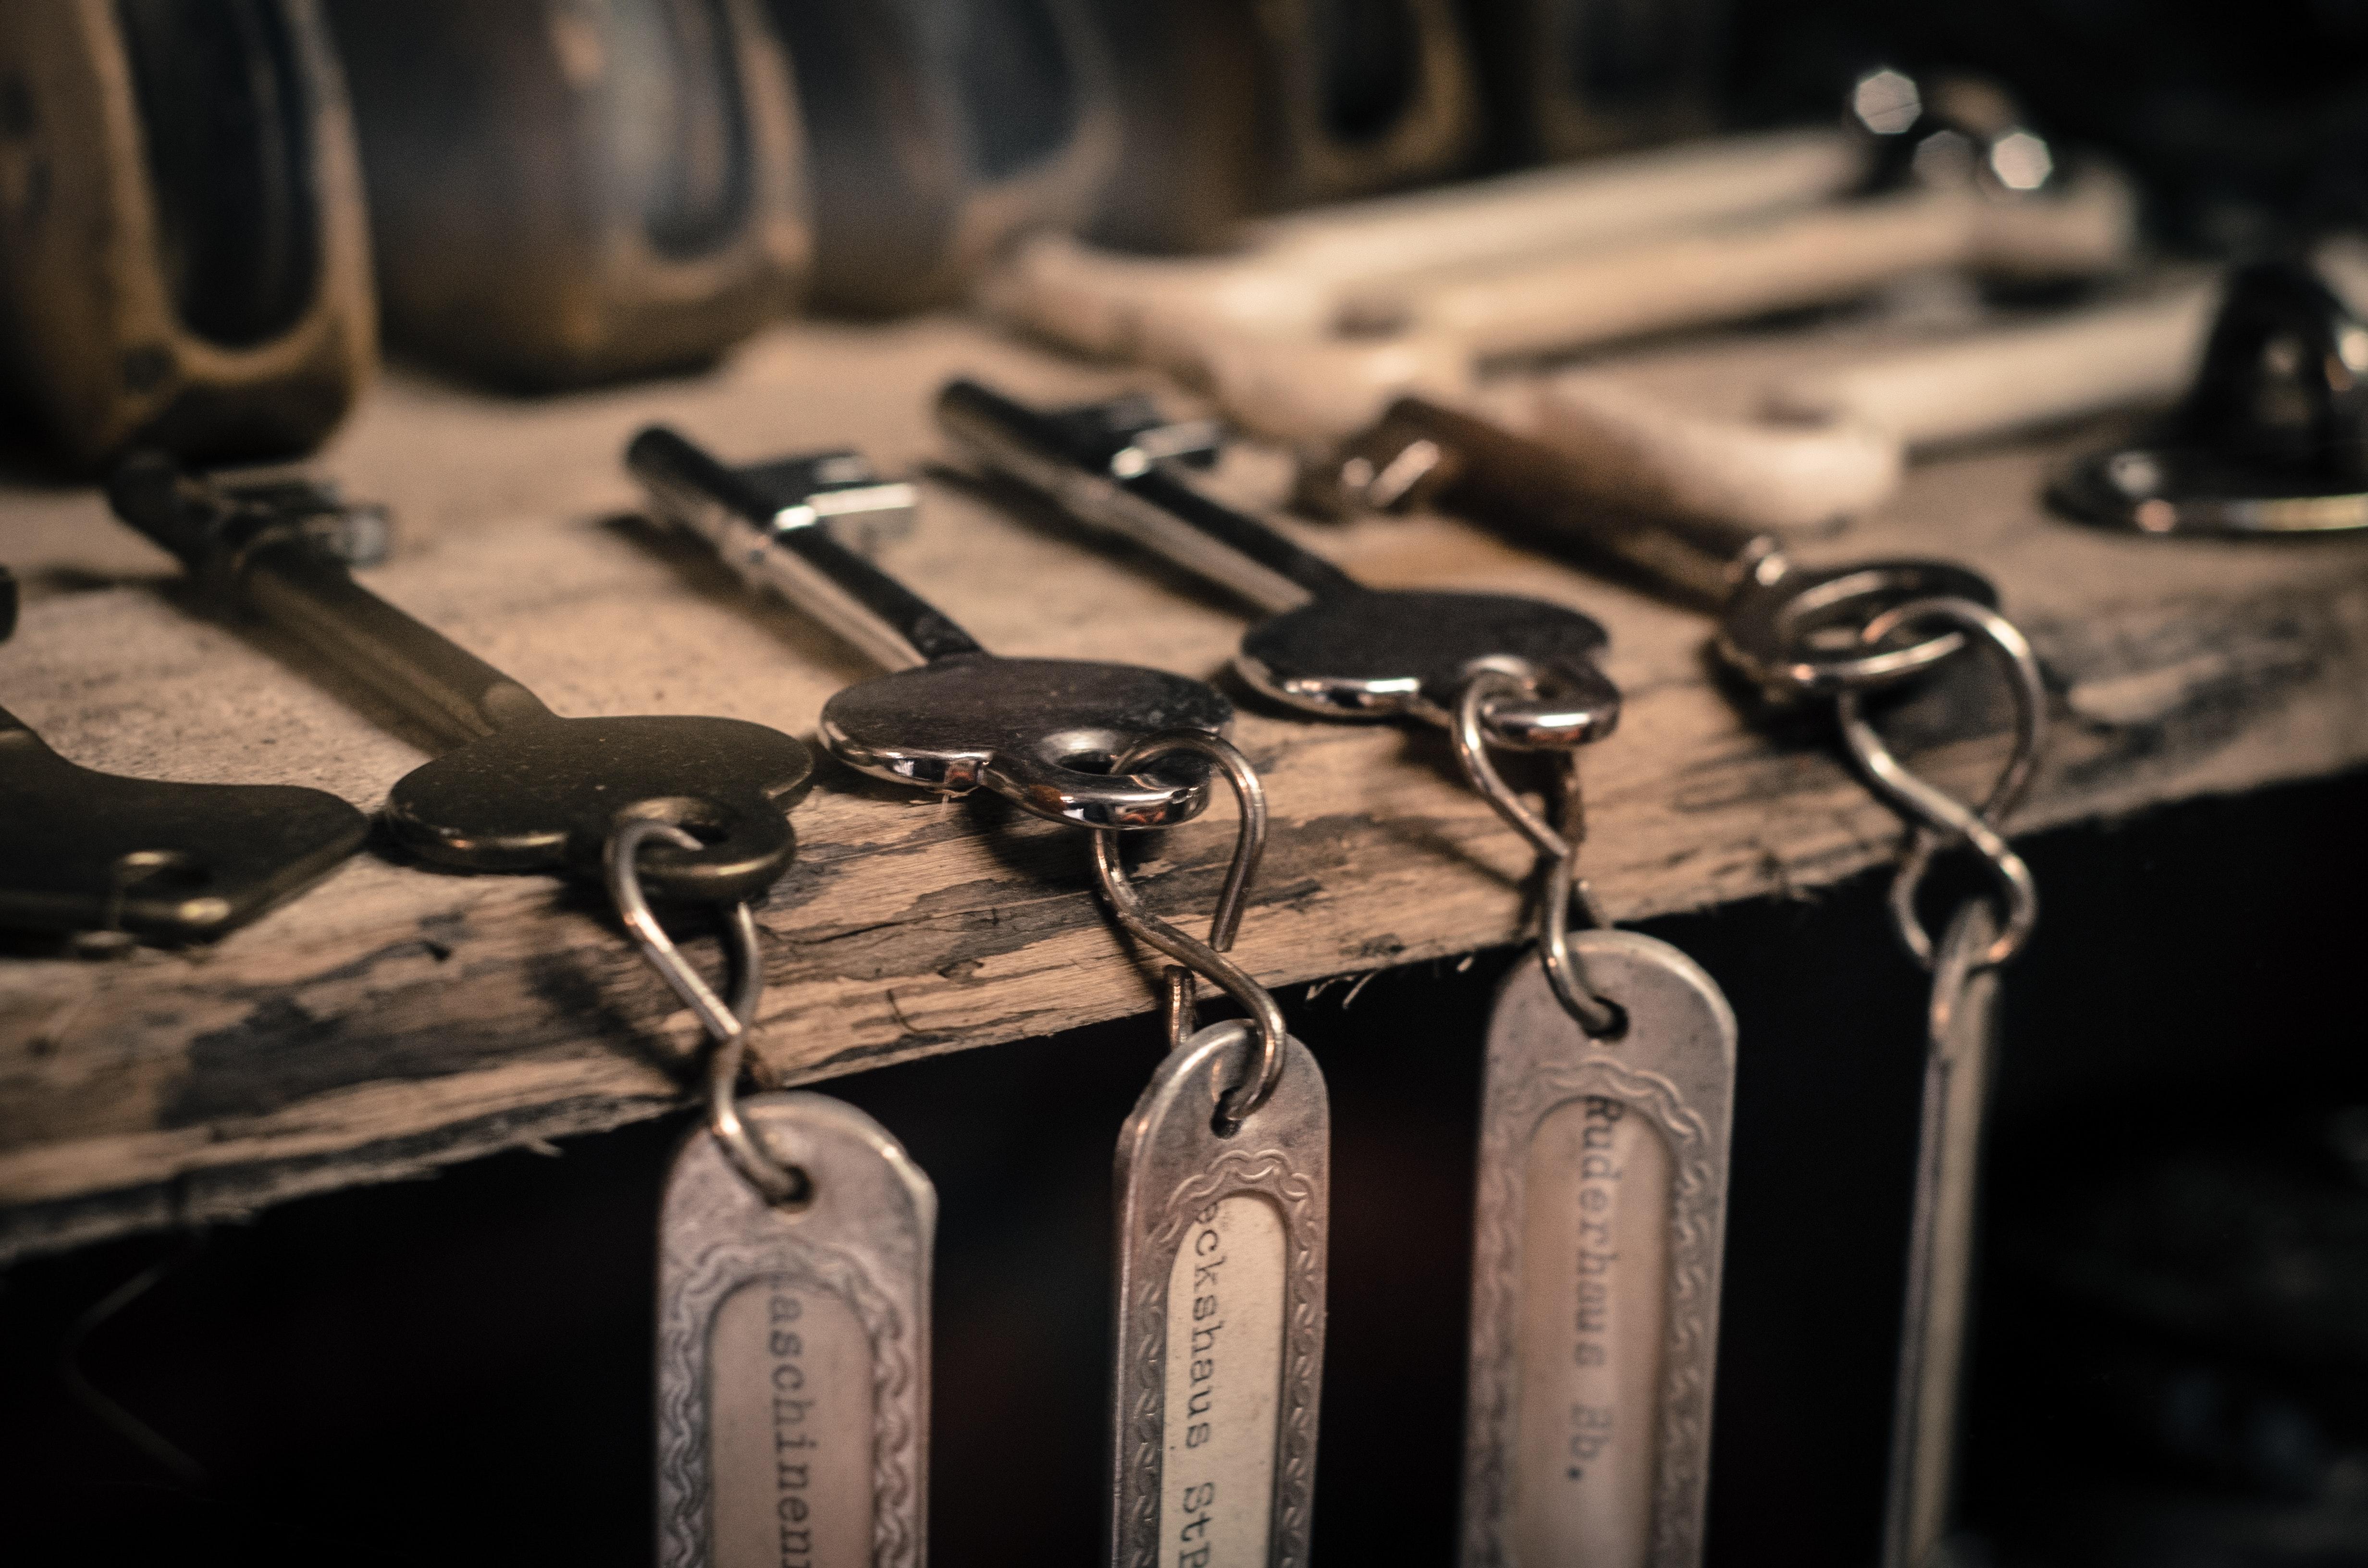 Numerous keys on table